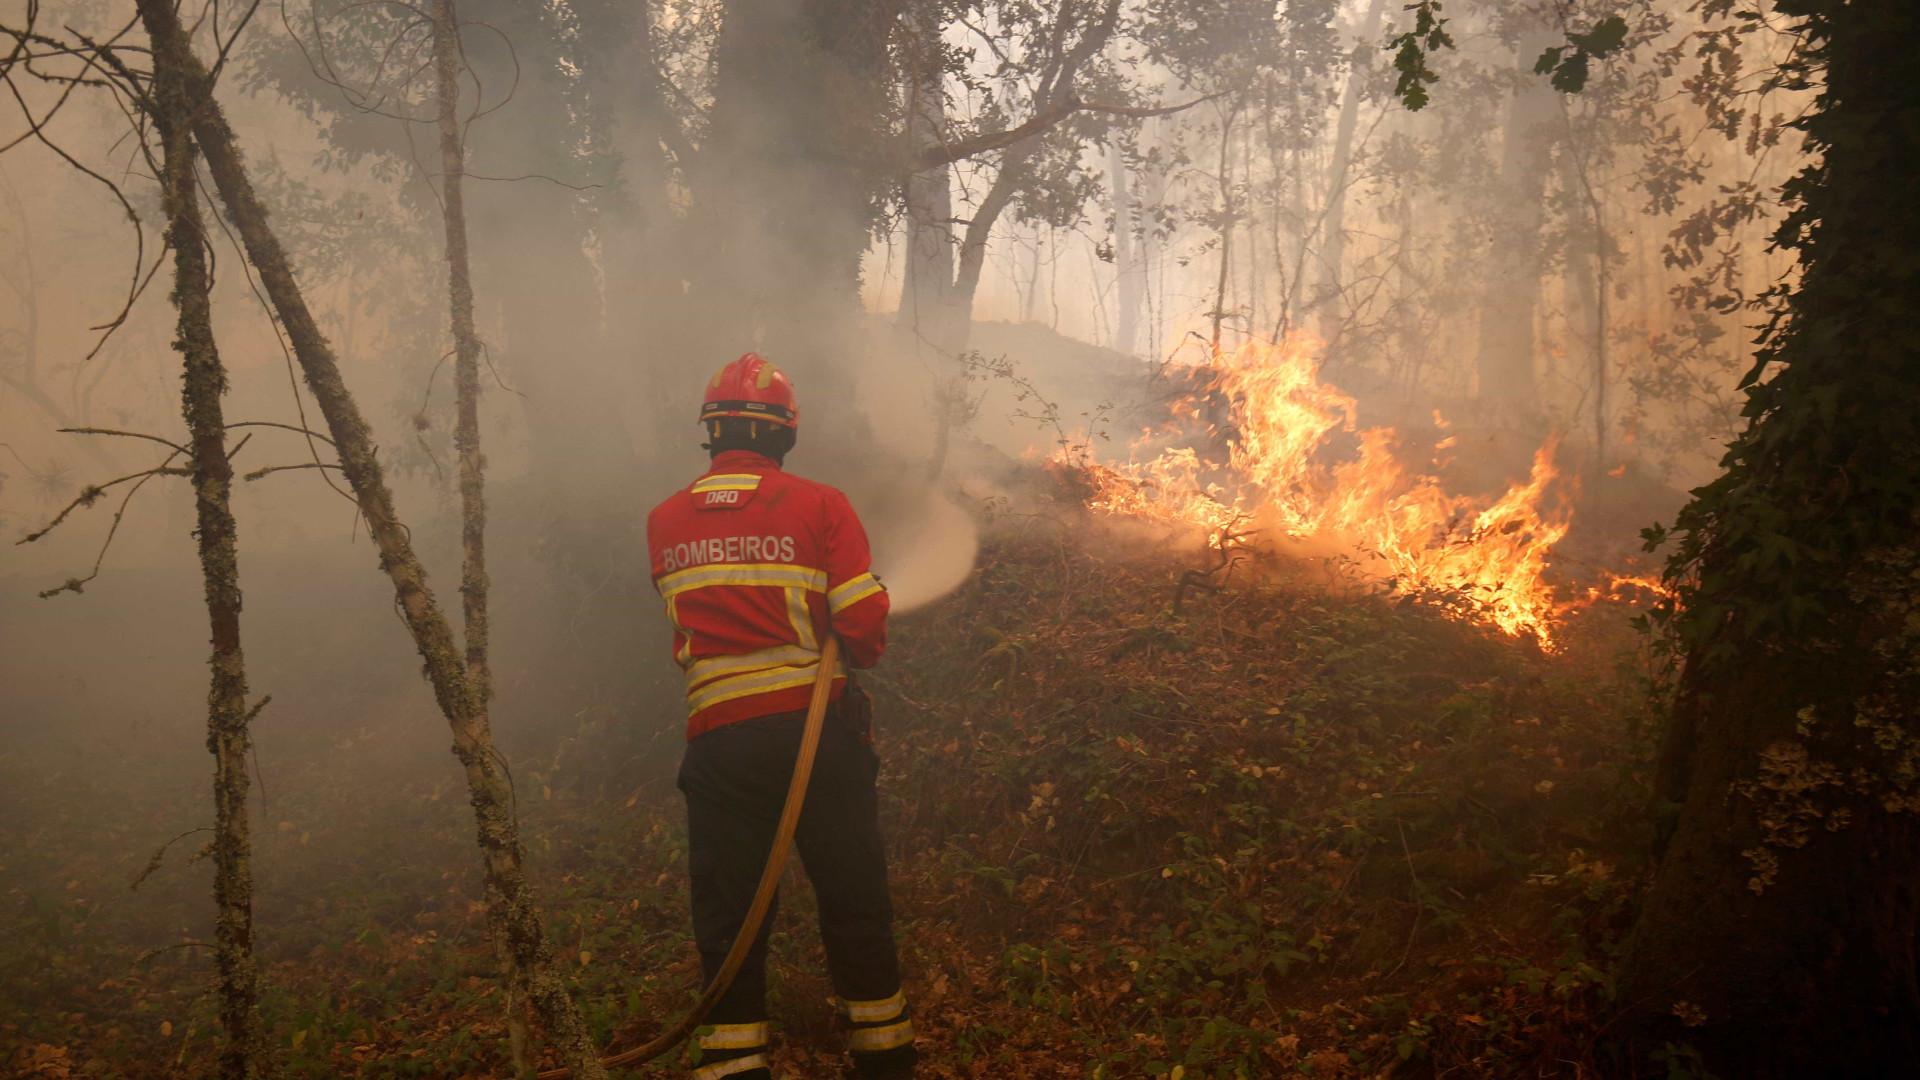 Mais de 200 bombeiros combatem incêndios em Mação — Última hora